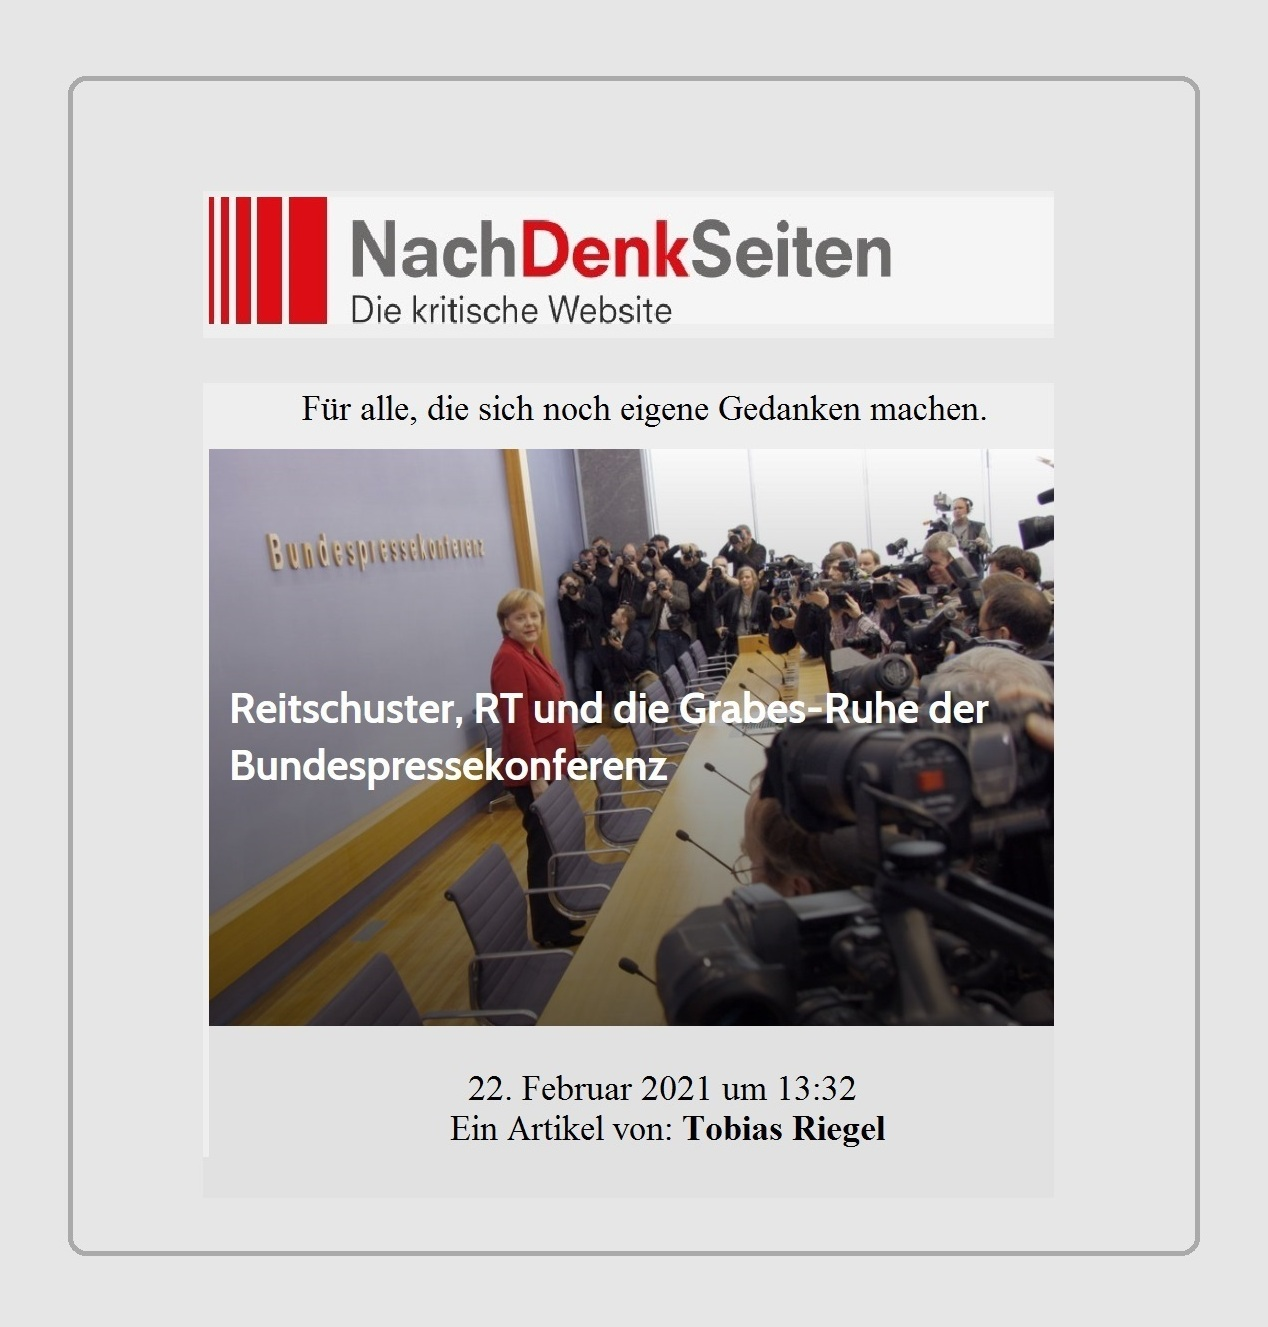 Reitschuster, RT und die Grabes-Ruhe der Bundespressekonferenz - Ein Artikel von: Tobias Riegel - NachDenkSeiten - Die kritische Website - Für alle, die sich noch eigene Gedanken machen - 22. Februar 2021 um 13:32